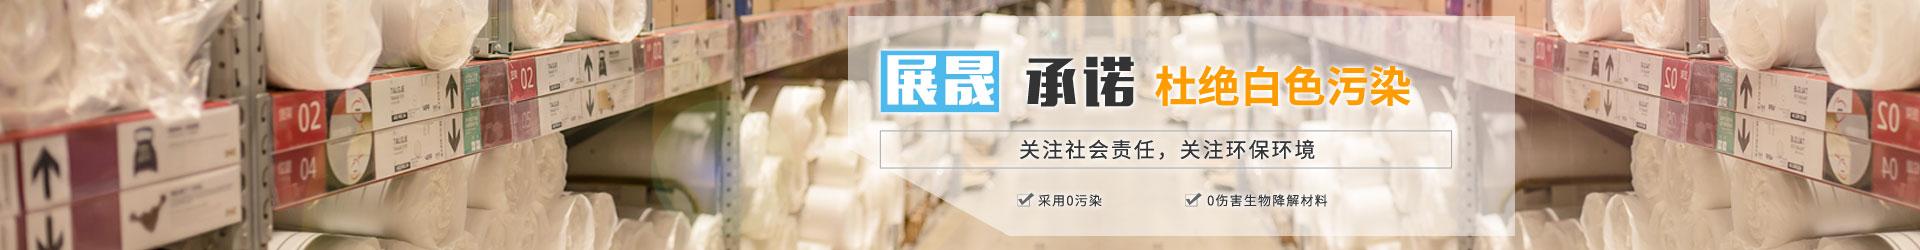 火狐体育官网注册epe火狐体育app